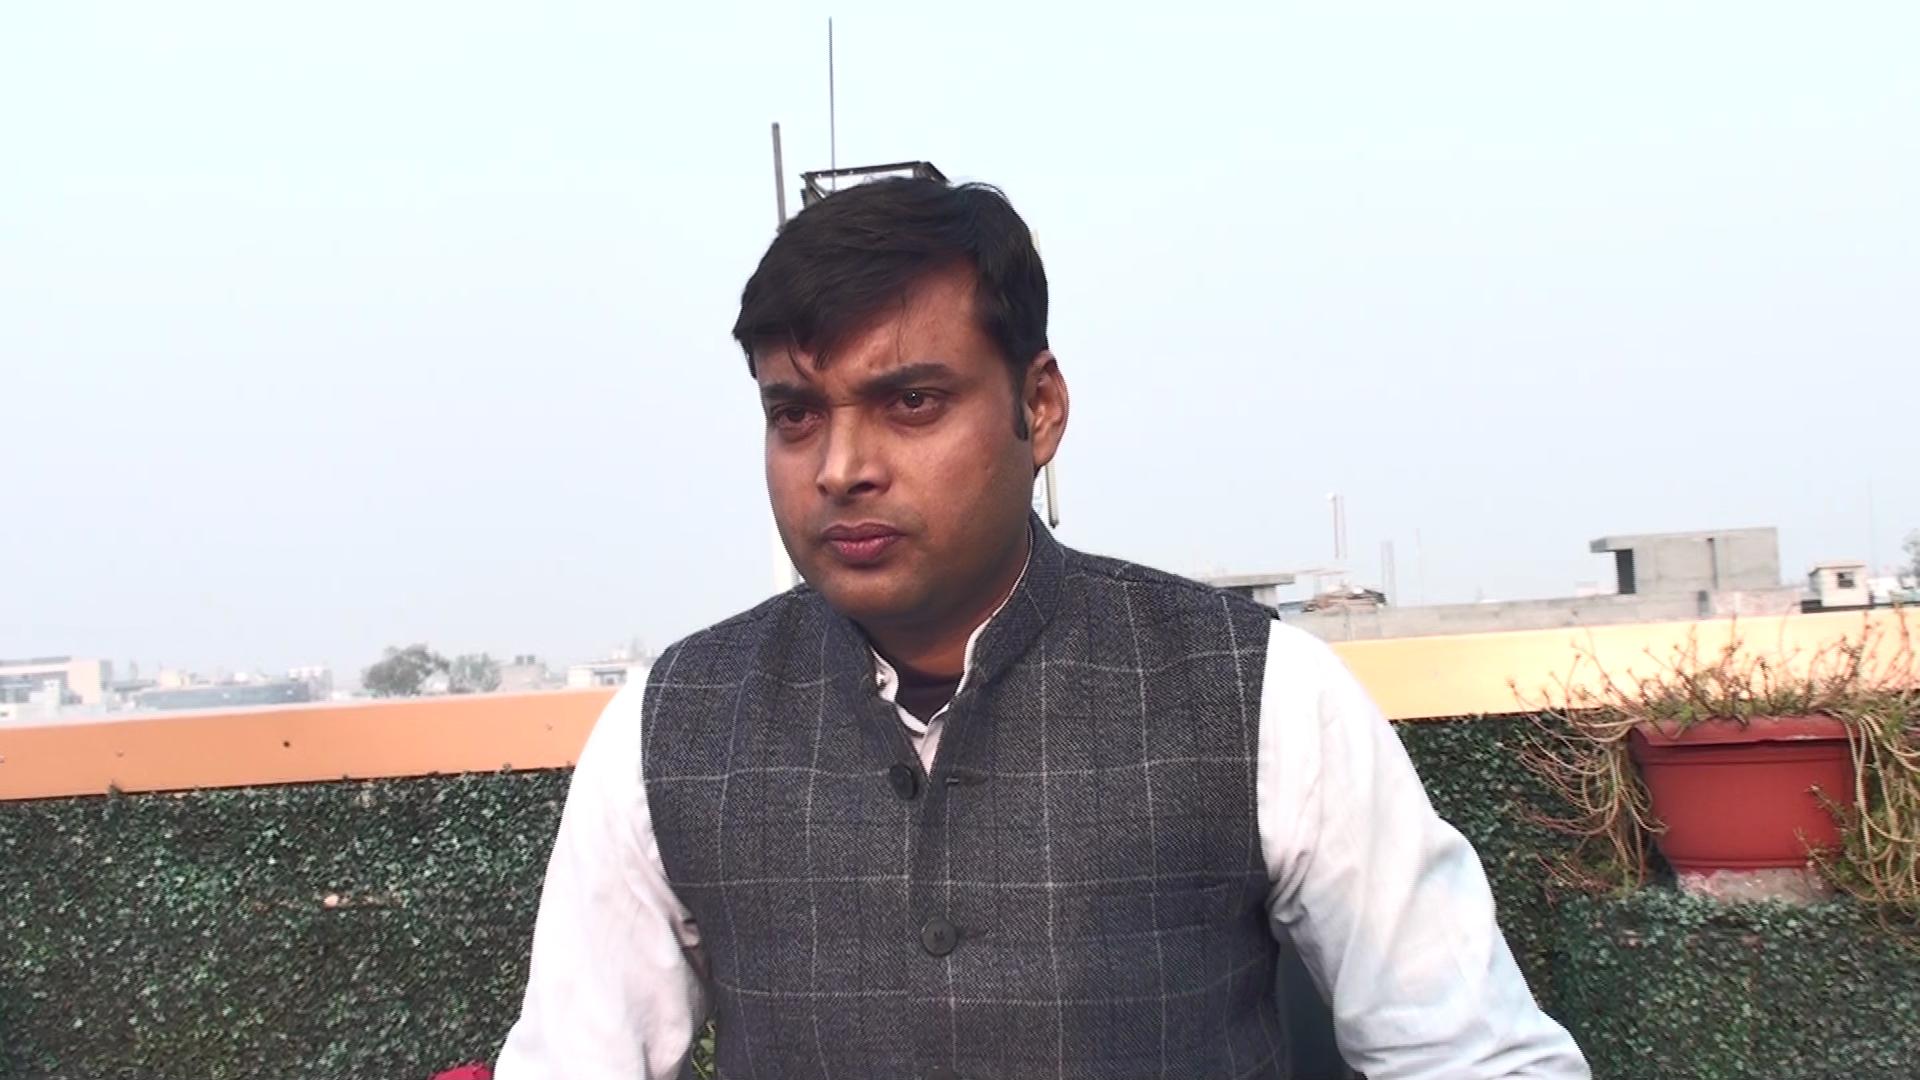 बिहार , उत्तर प्रदेश व दिल्ली में अपनी राजनैतिक जमीन तलाश रही उभरती हुुुई